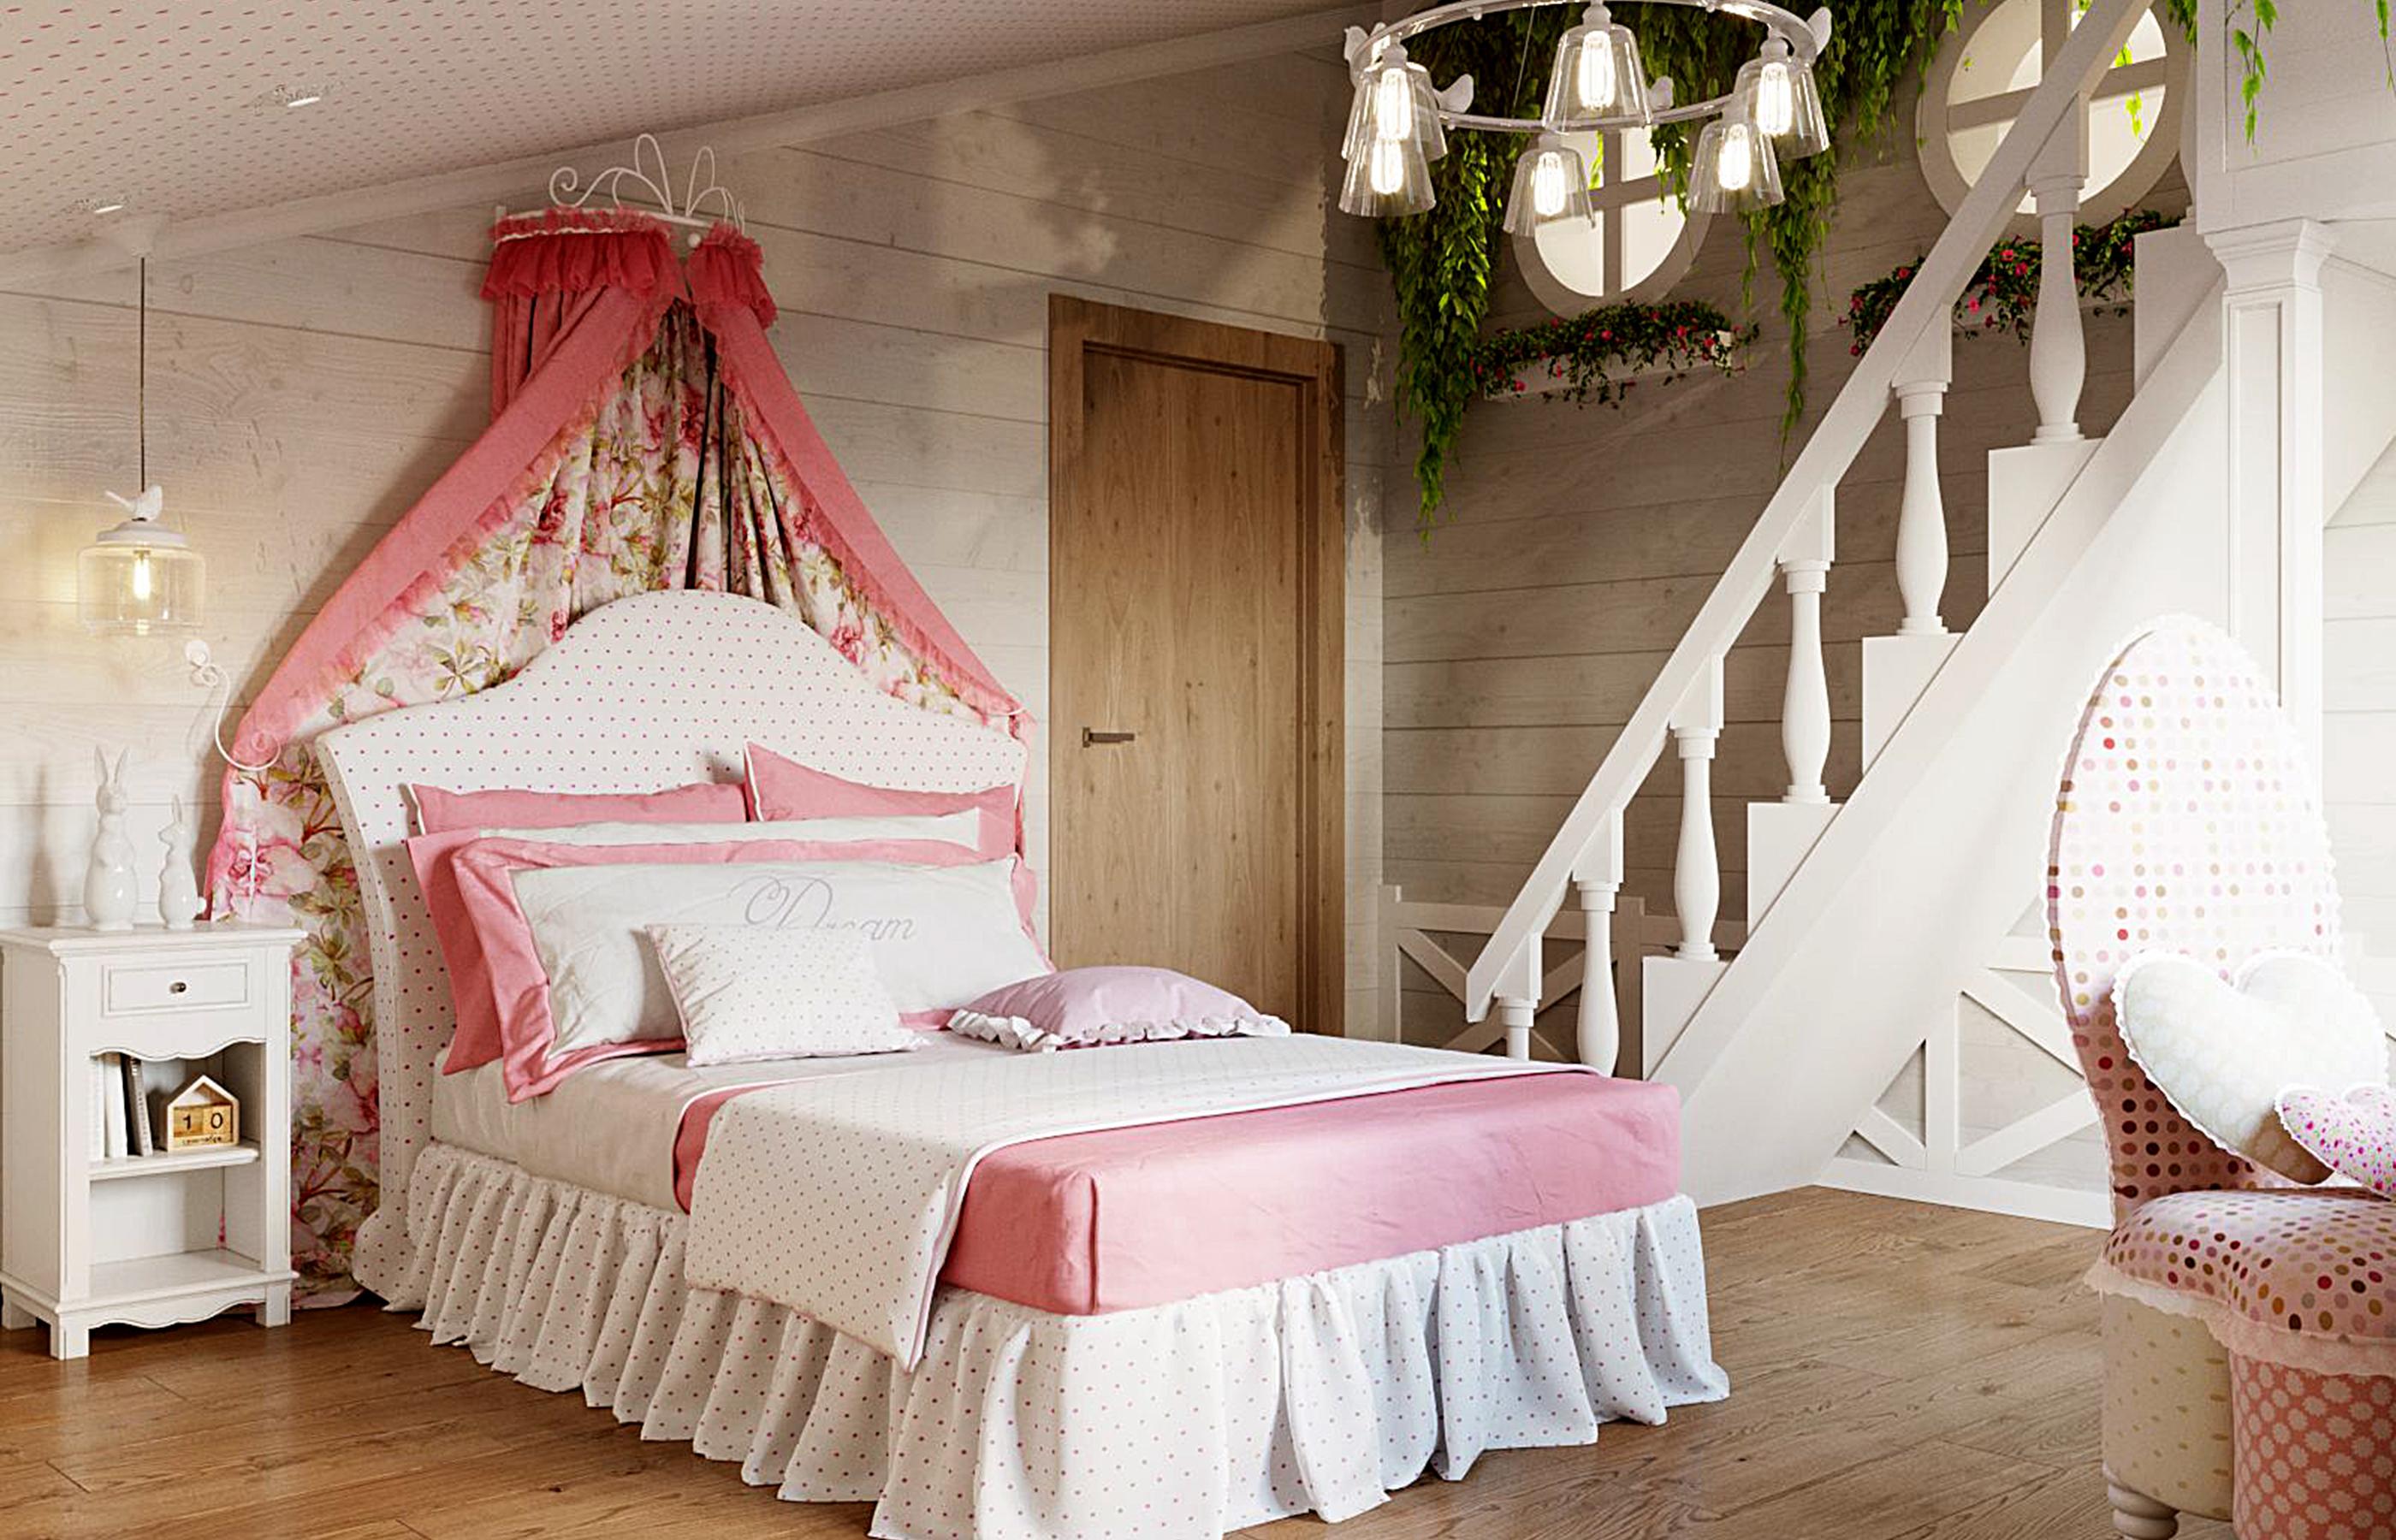 Лесенка ведет в секретный домик под самой крышей. Дизайн интерьера комнаты девочки в деревянном доме